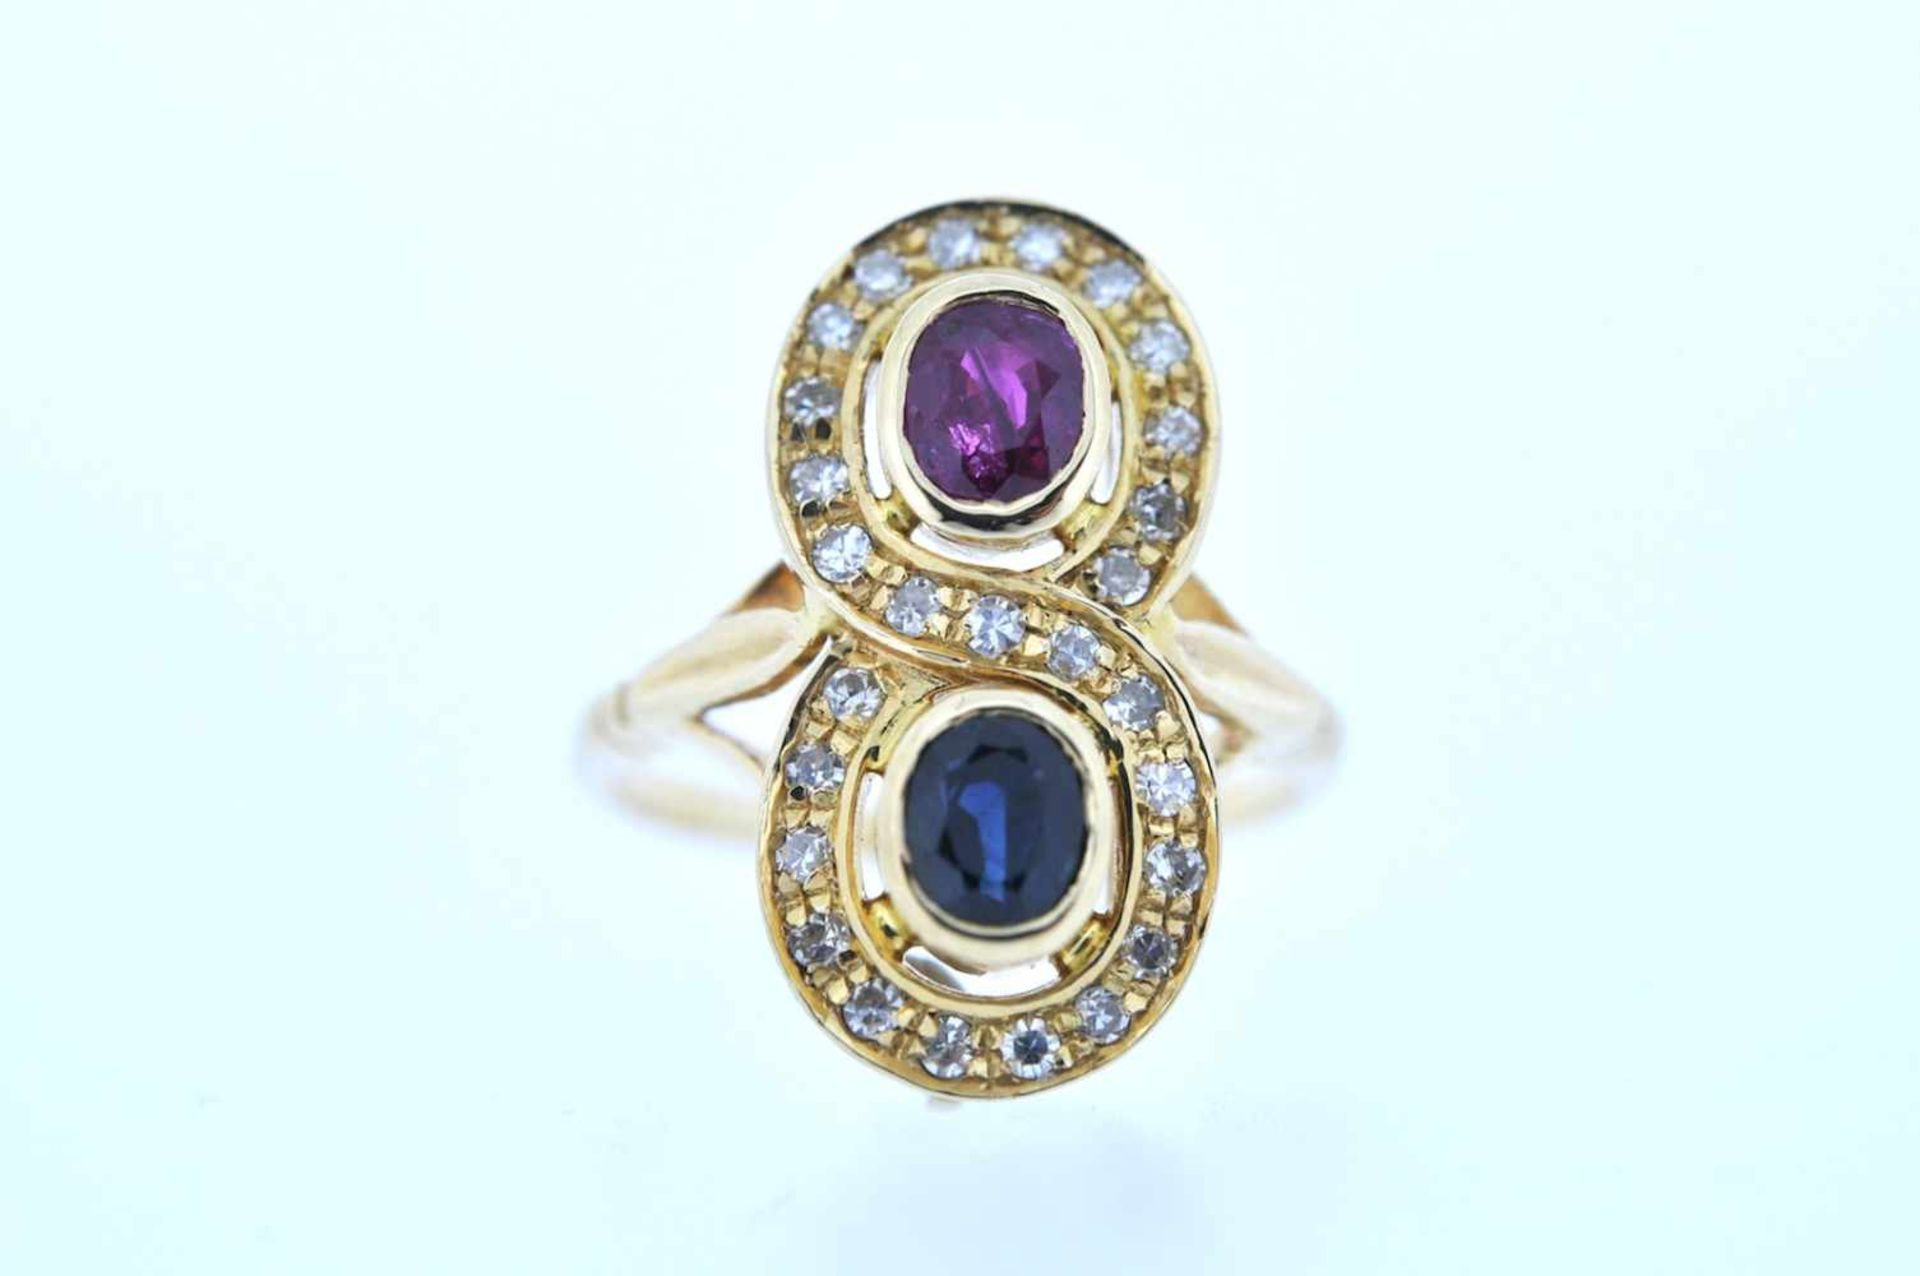 Ring Goldener Ring mit Brillanten, zus. ca. 0,20 ct und je einem Rubin und einem Saphir, zus.ca. - Bild 3 aus 3